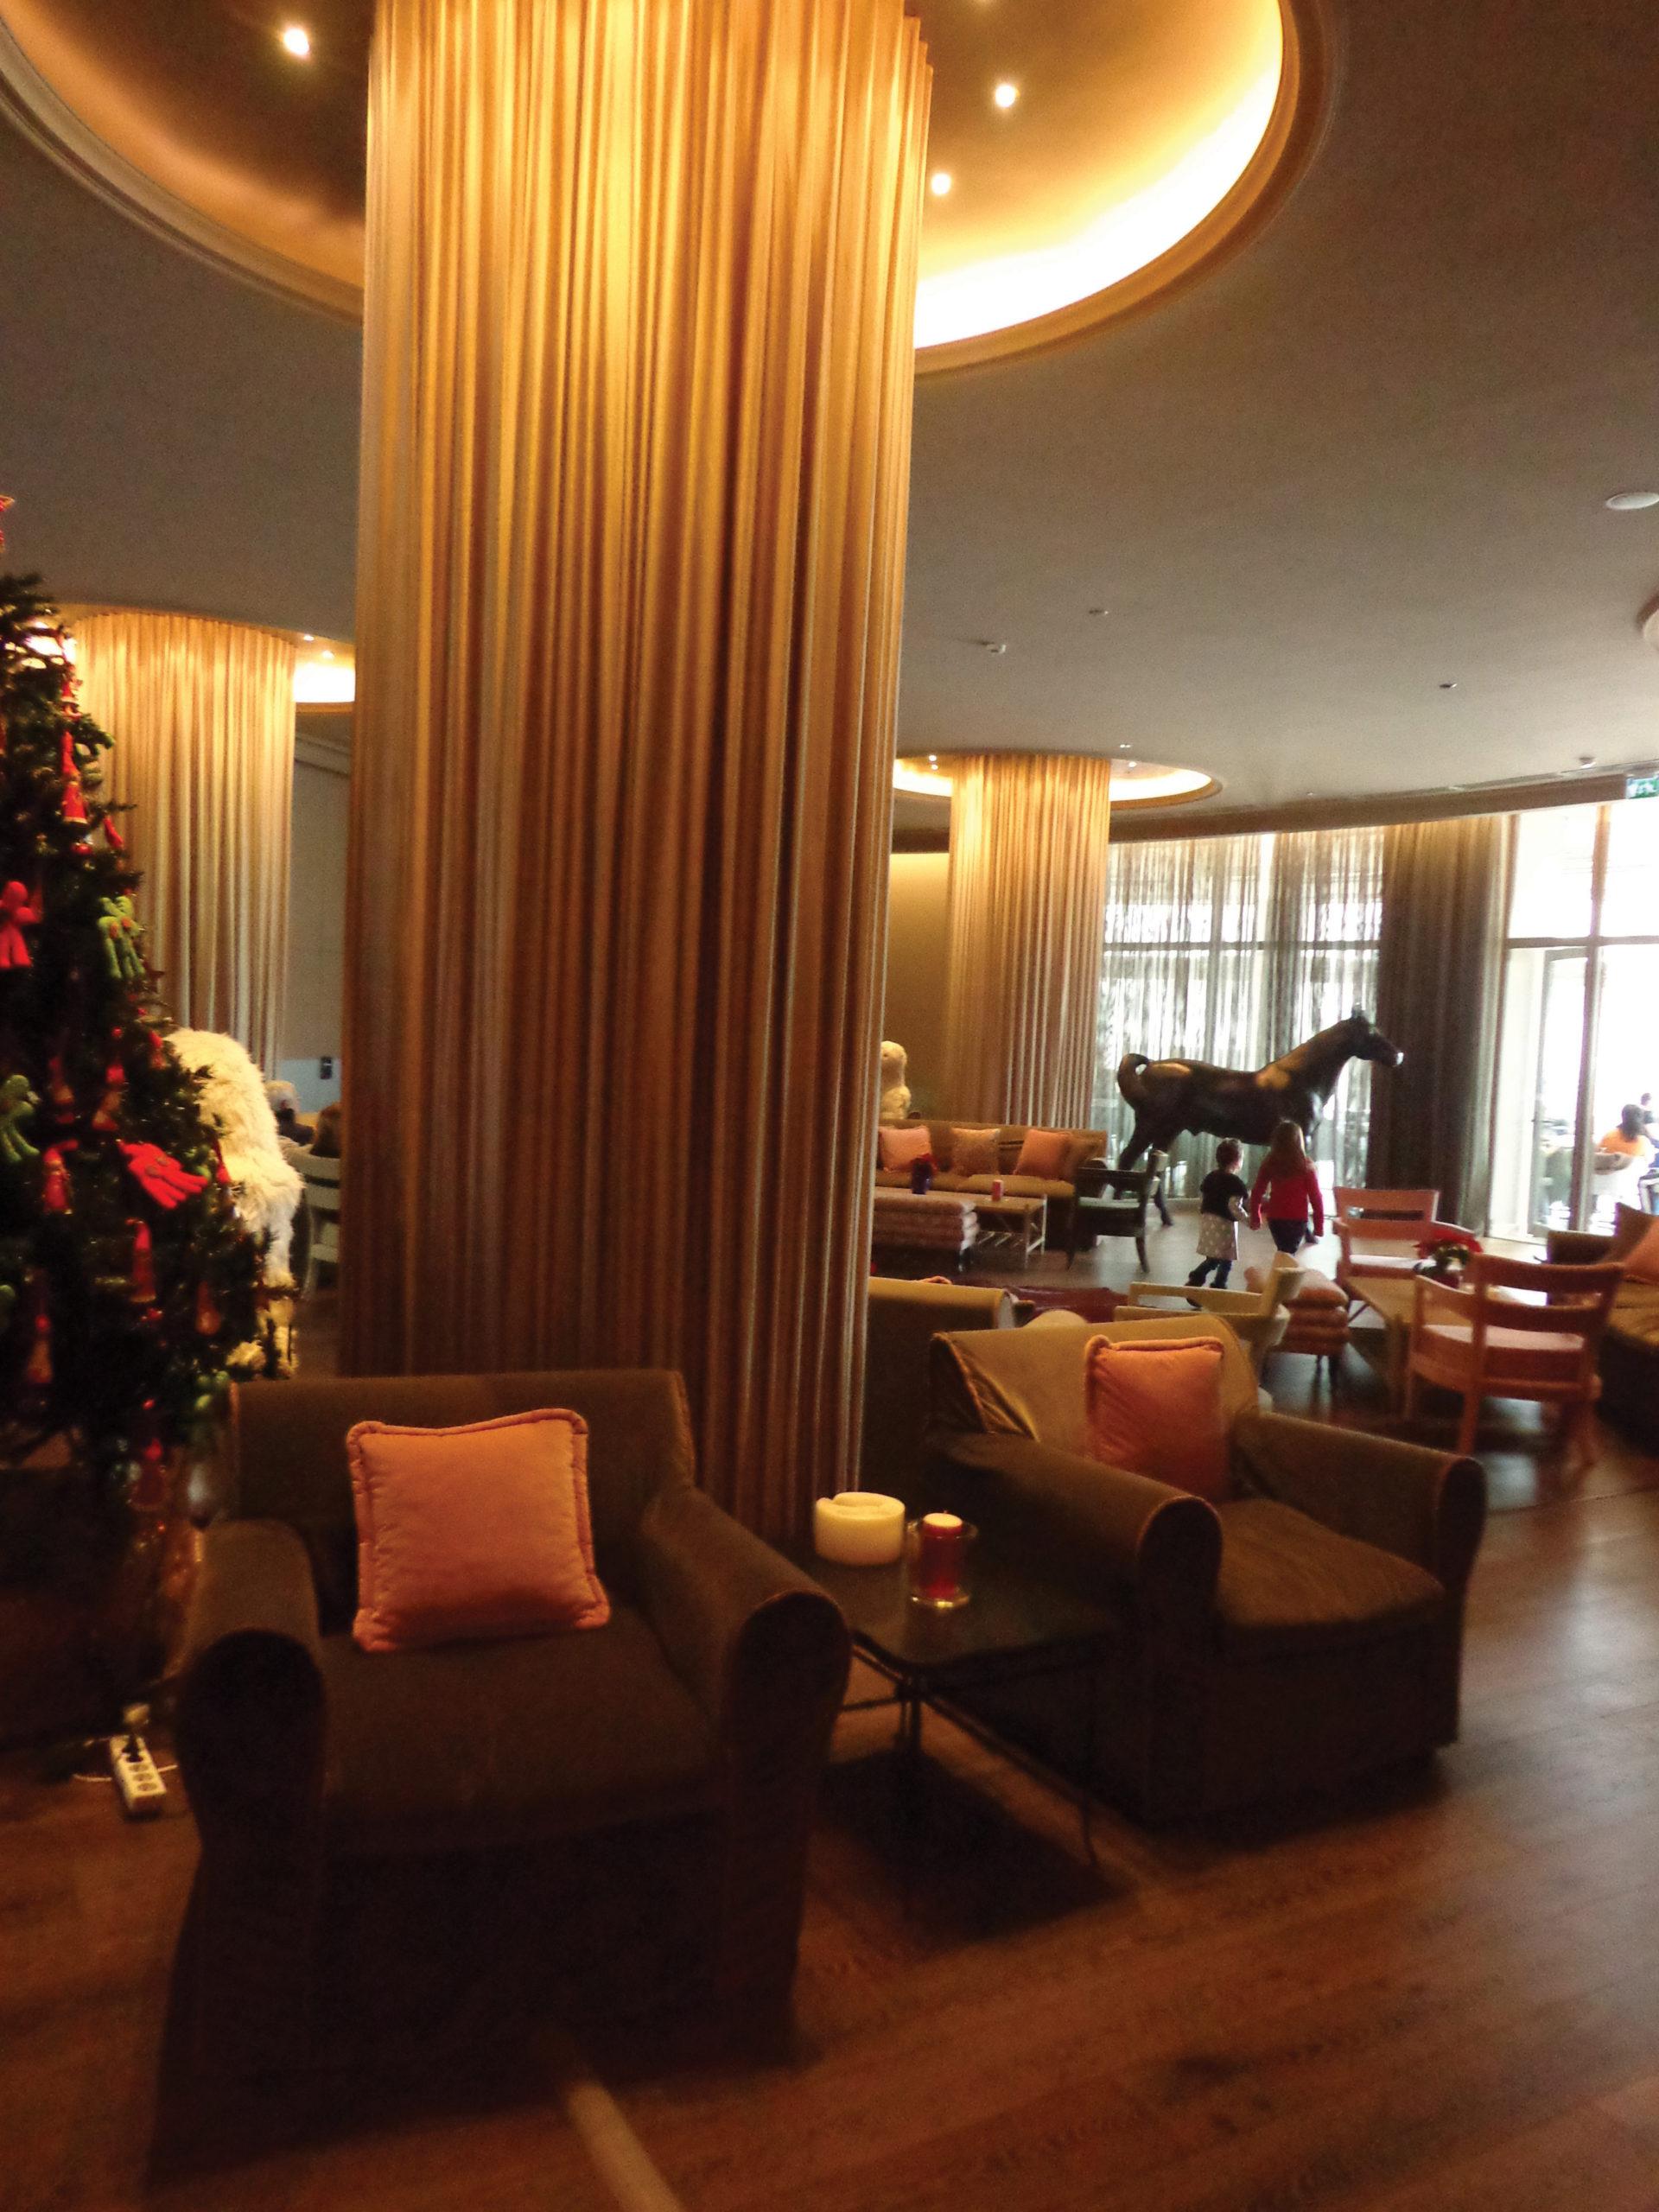 ASTIR EGNATIA HOTEL